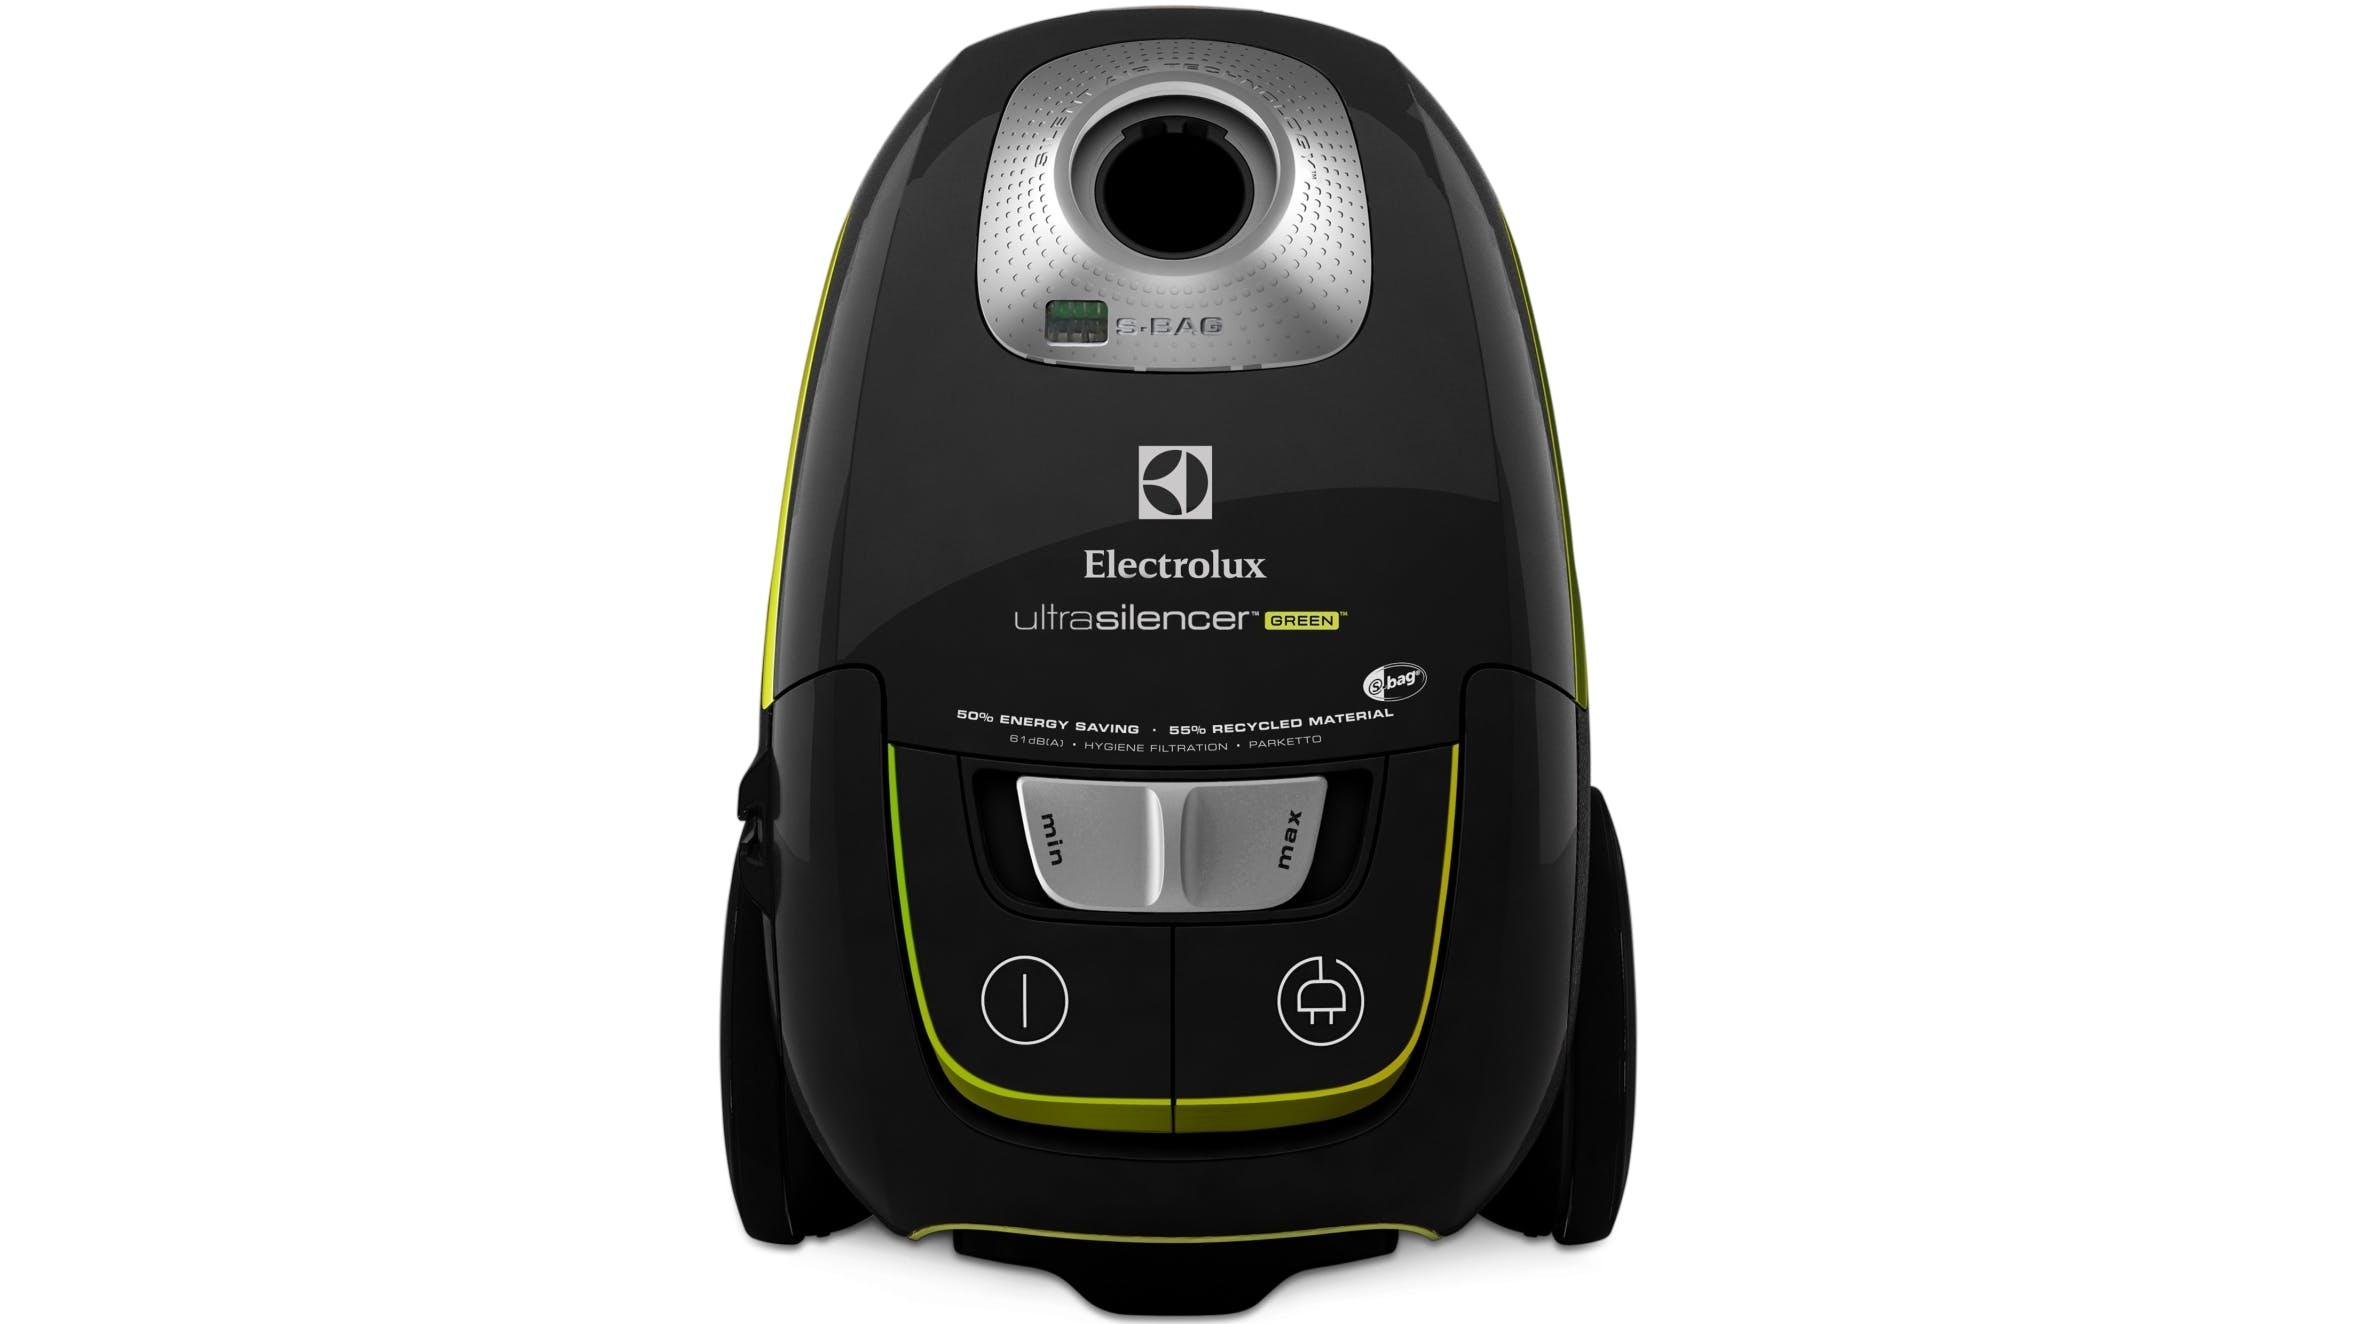 electrolux ultrasilencer green vacuum cleaner black. Black Bedroom Furniture Sets. Home Design Ideas